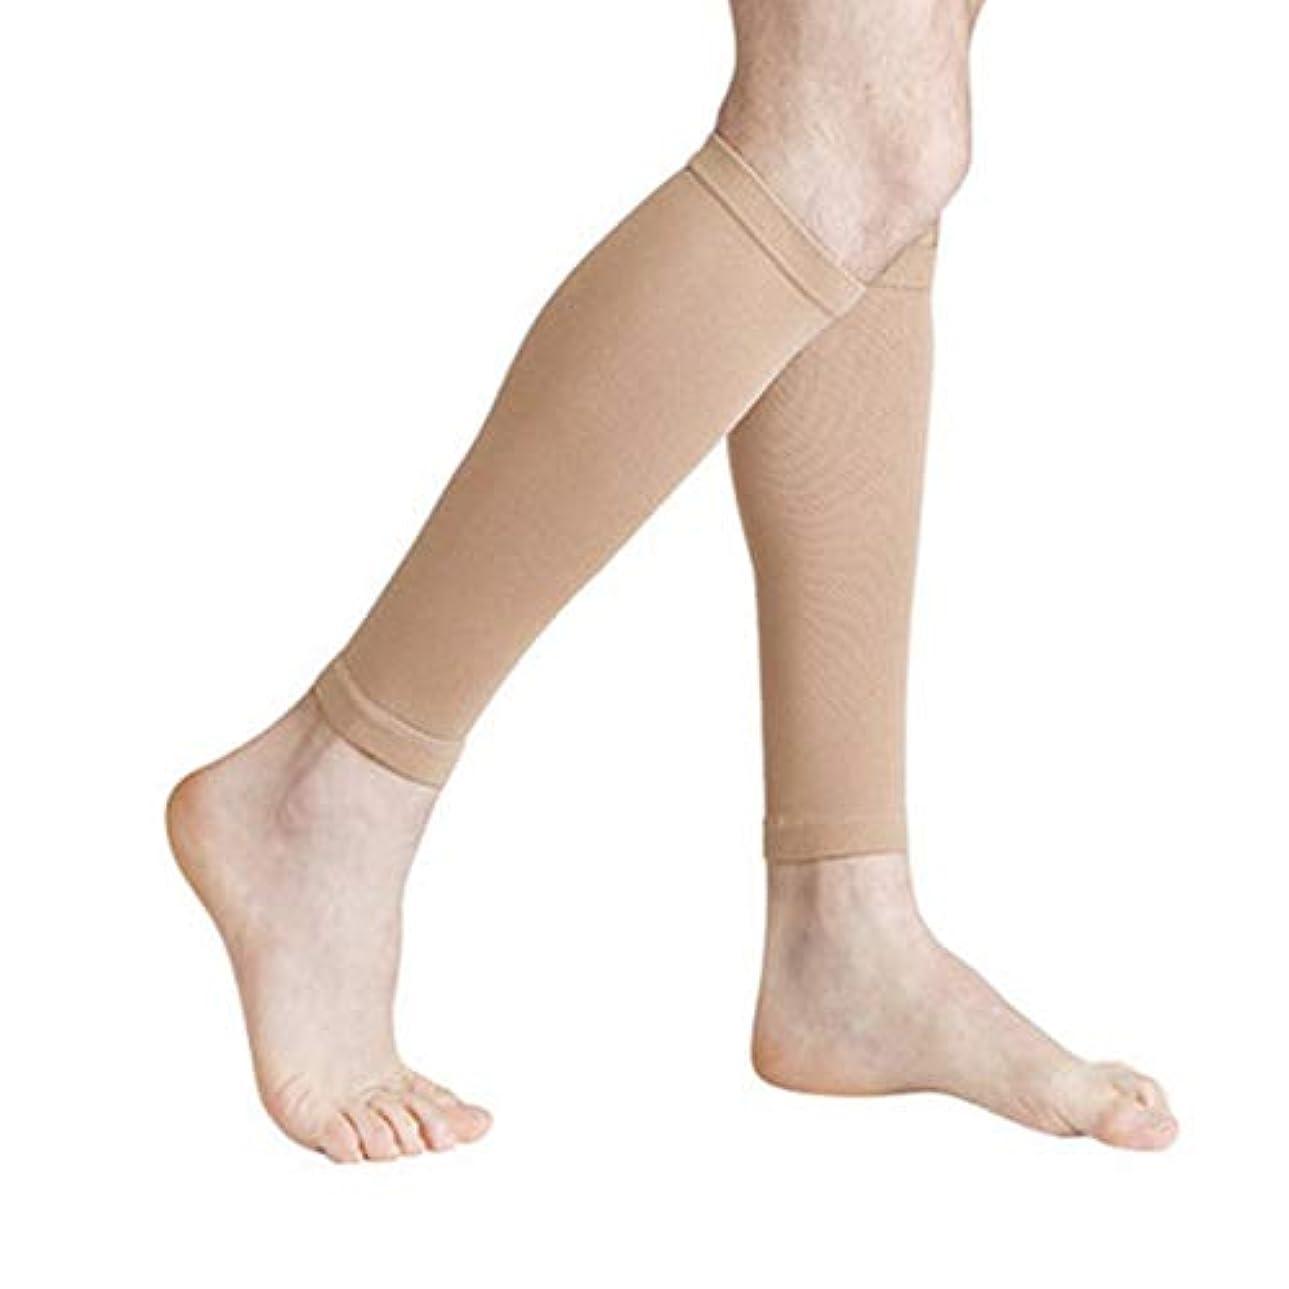 実施する接触鉛筆丈夫な男性女性プロの圧縮靴下通気性のある旅行活動看護師用シントスプリントフライトトラベル - 肌色